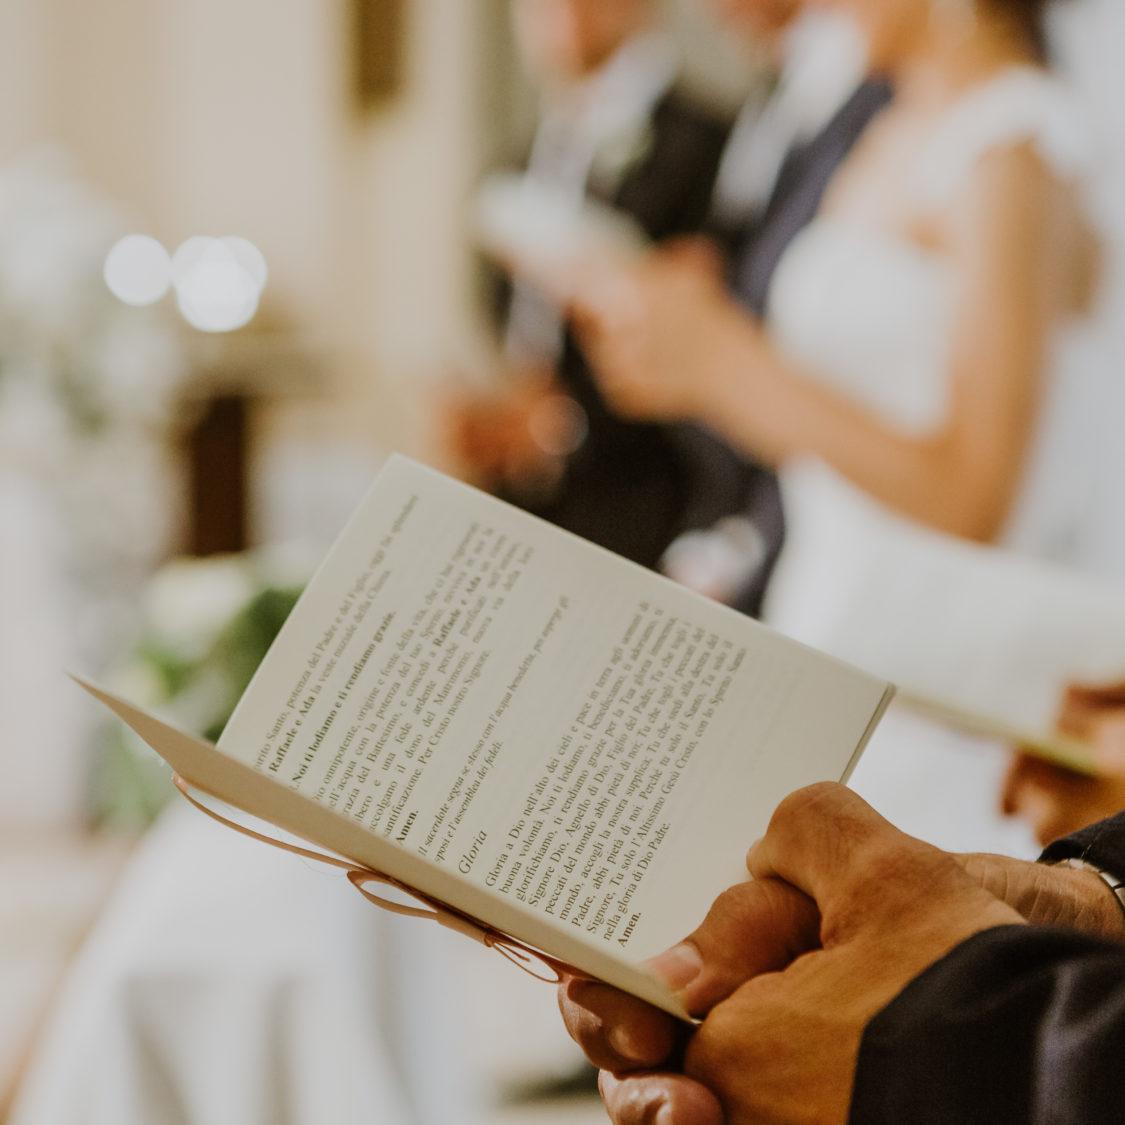 Anniversario Matrimonio Preghiera Dei Fedeli.Liturgia Del Matrimonio Libretto E Le Letture Da Scegliere G